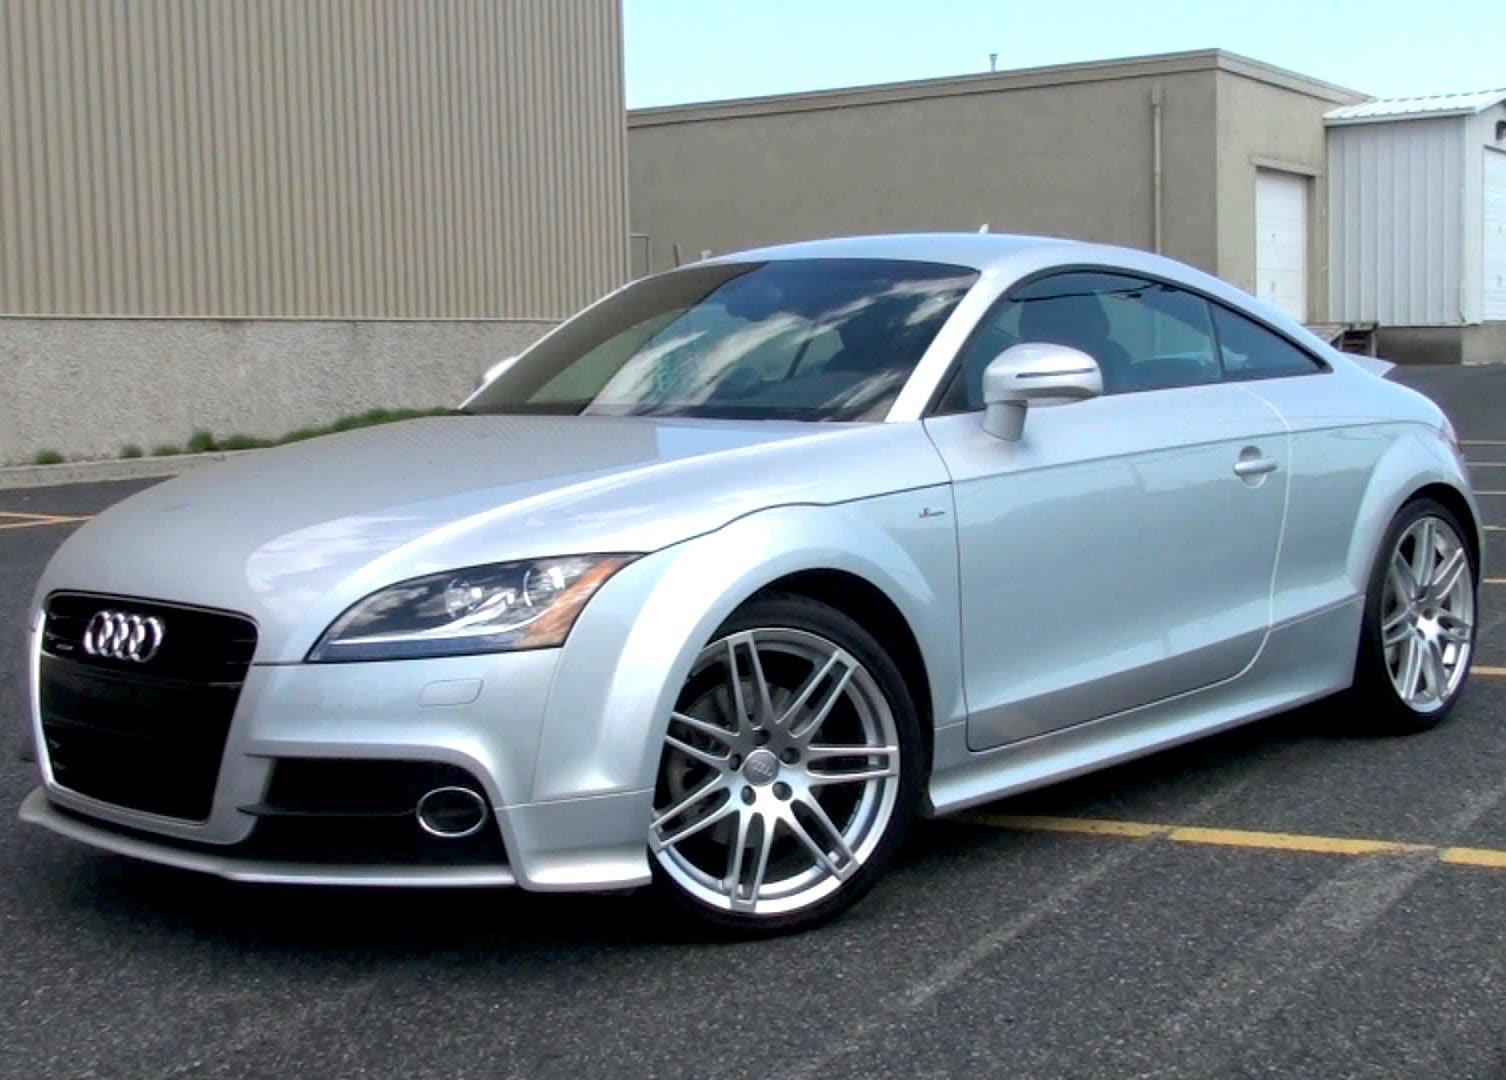 Audi TTS II (8J) 2008 - 2010 Coupe #5